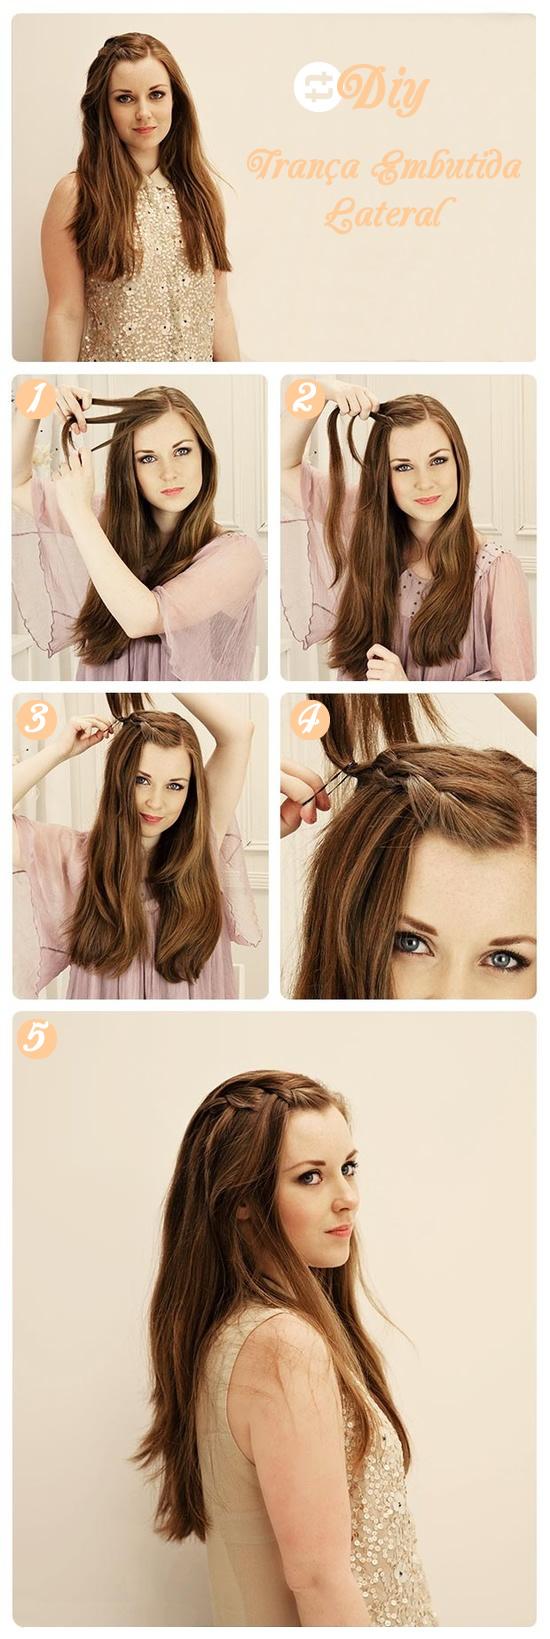 penteados-tranças-5